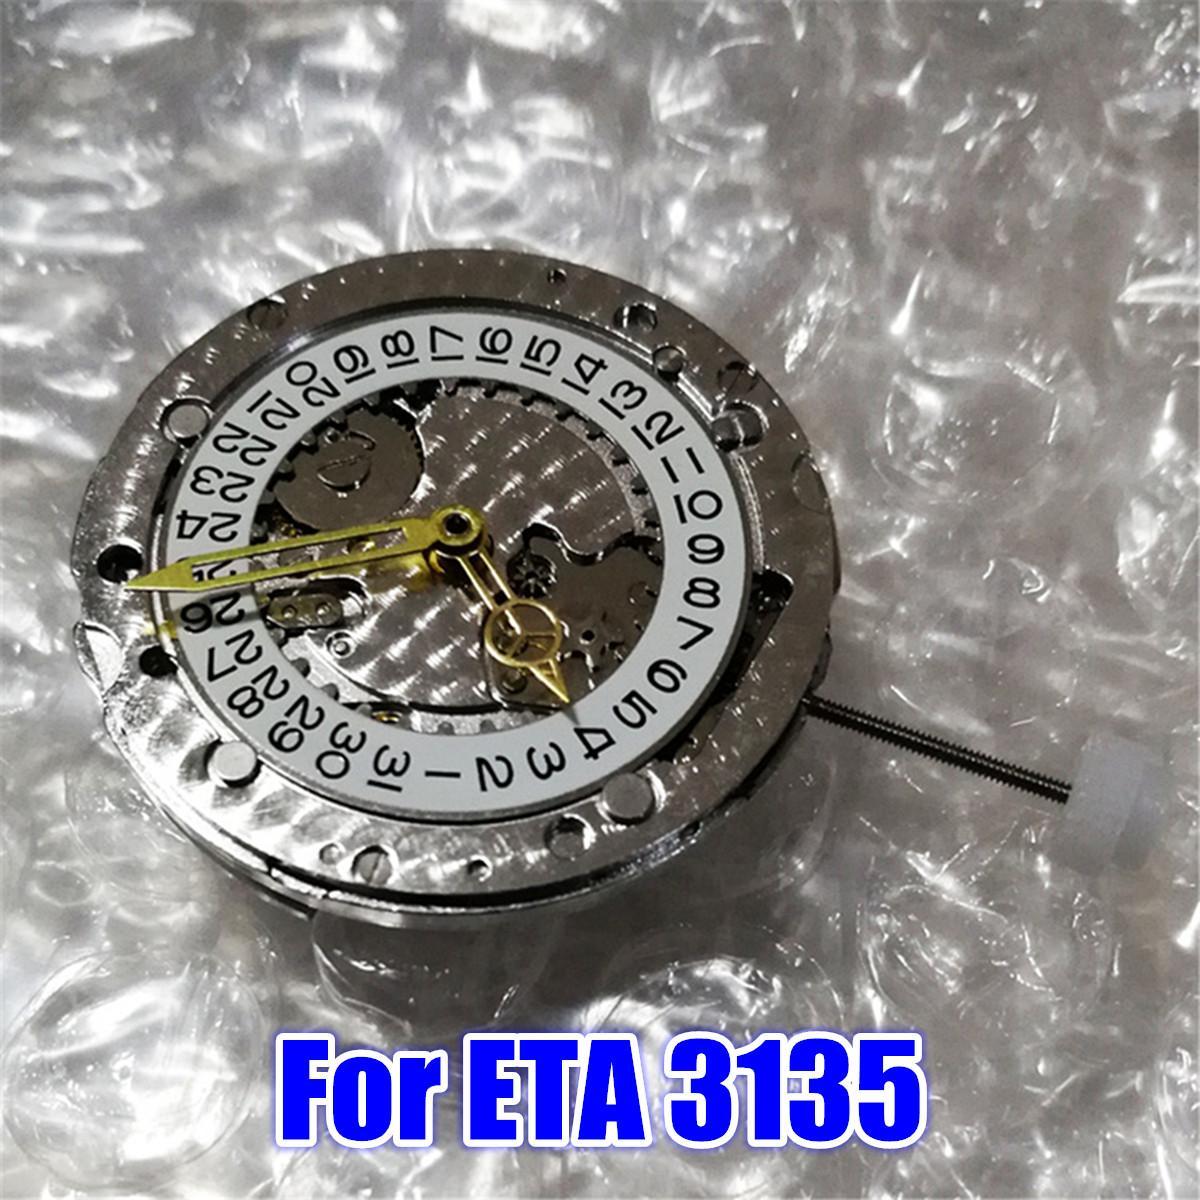 Hommes femmes montre-bracelet en métal mouvement automatique pièces remplacement pour ETA 3135 chine outils de réparation Kit montres accessoires